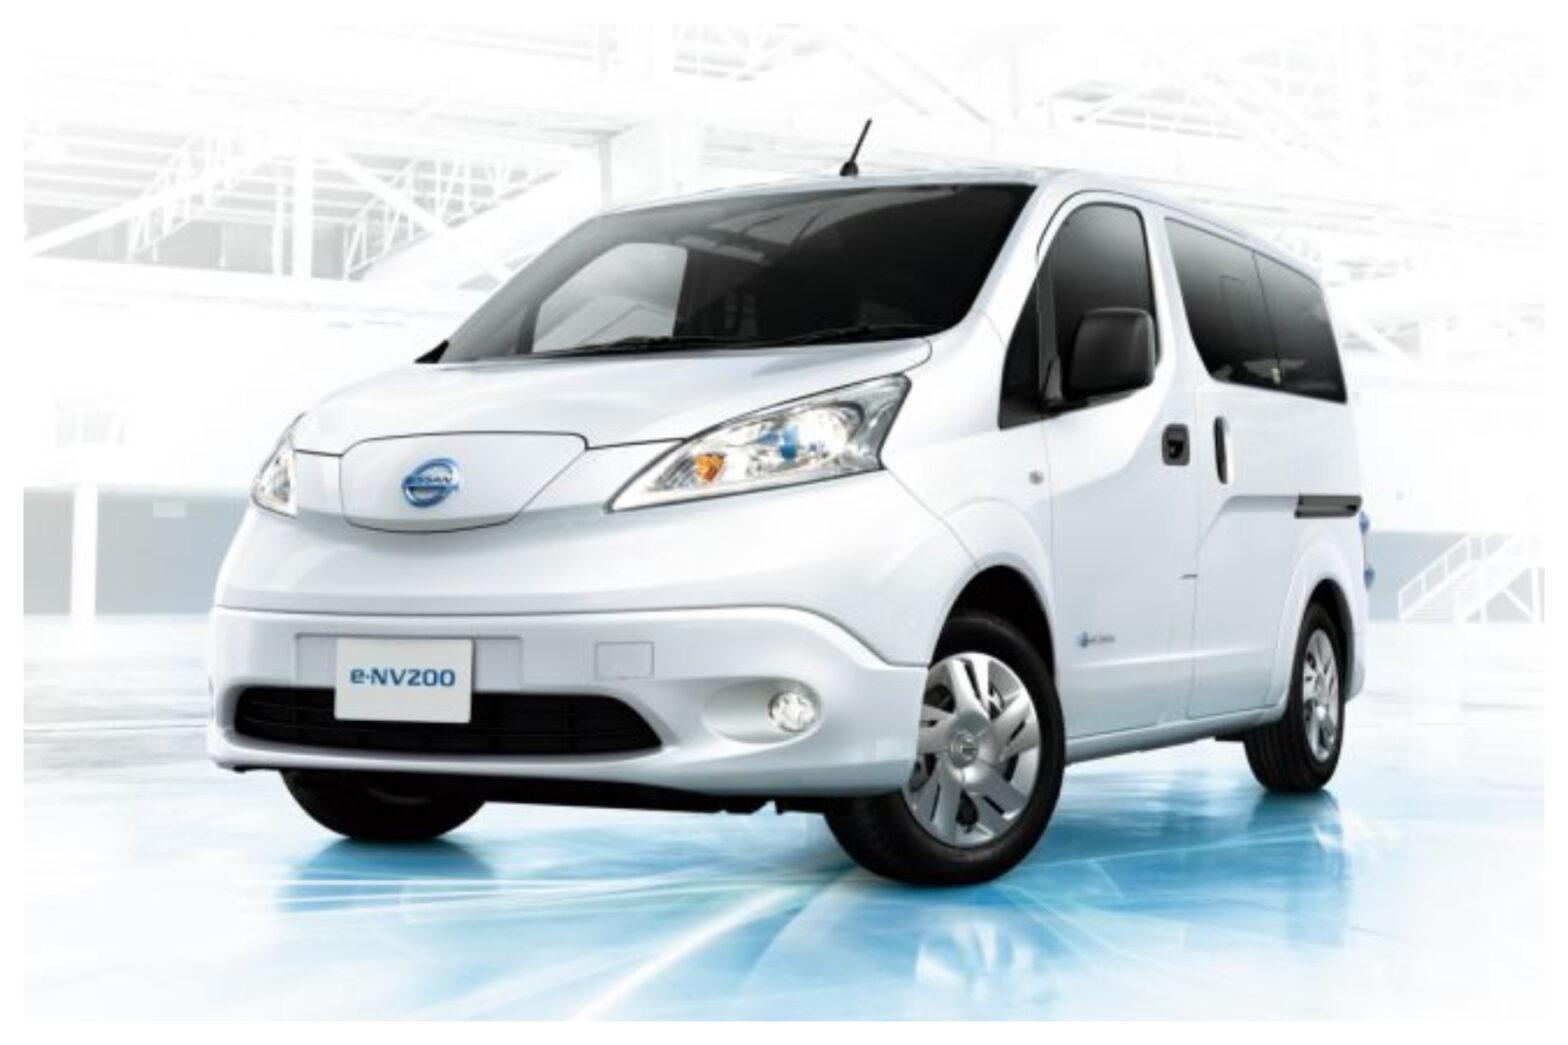 【日産 e-NV200】中古車選びの注意点から航続距離と充電・バッテリー交換まで